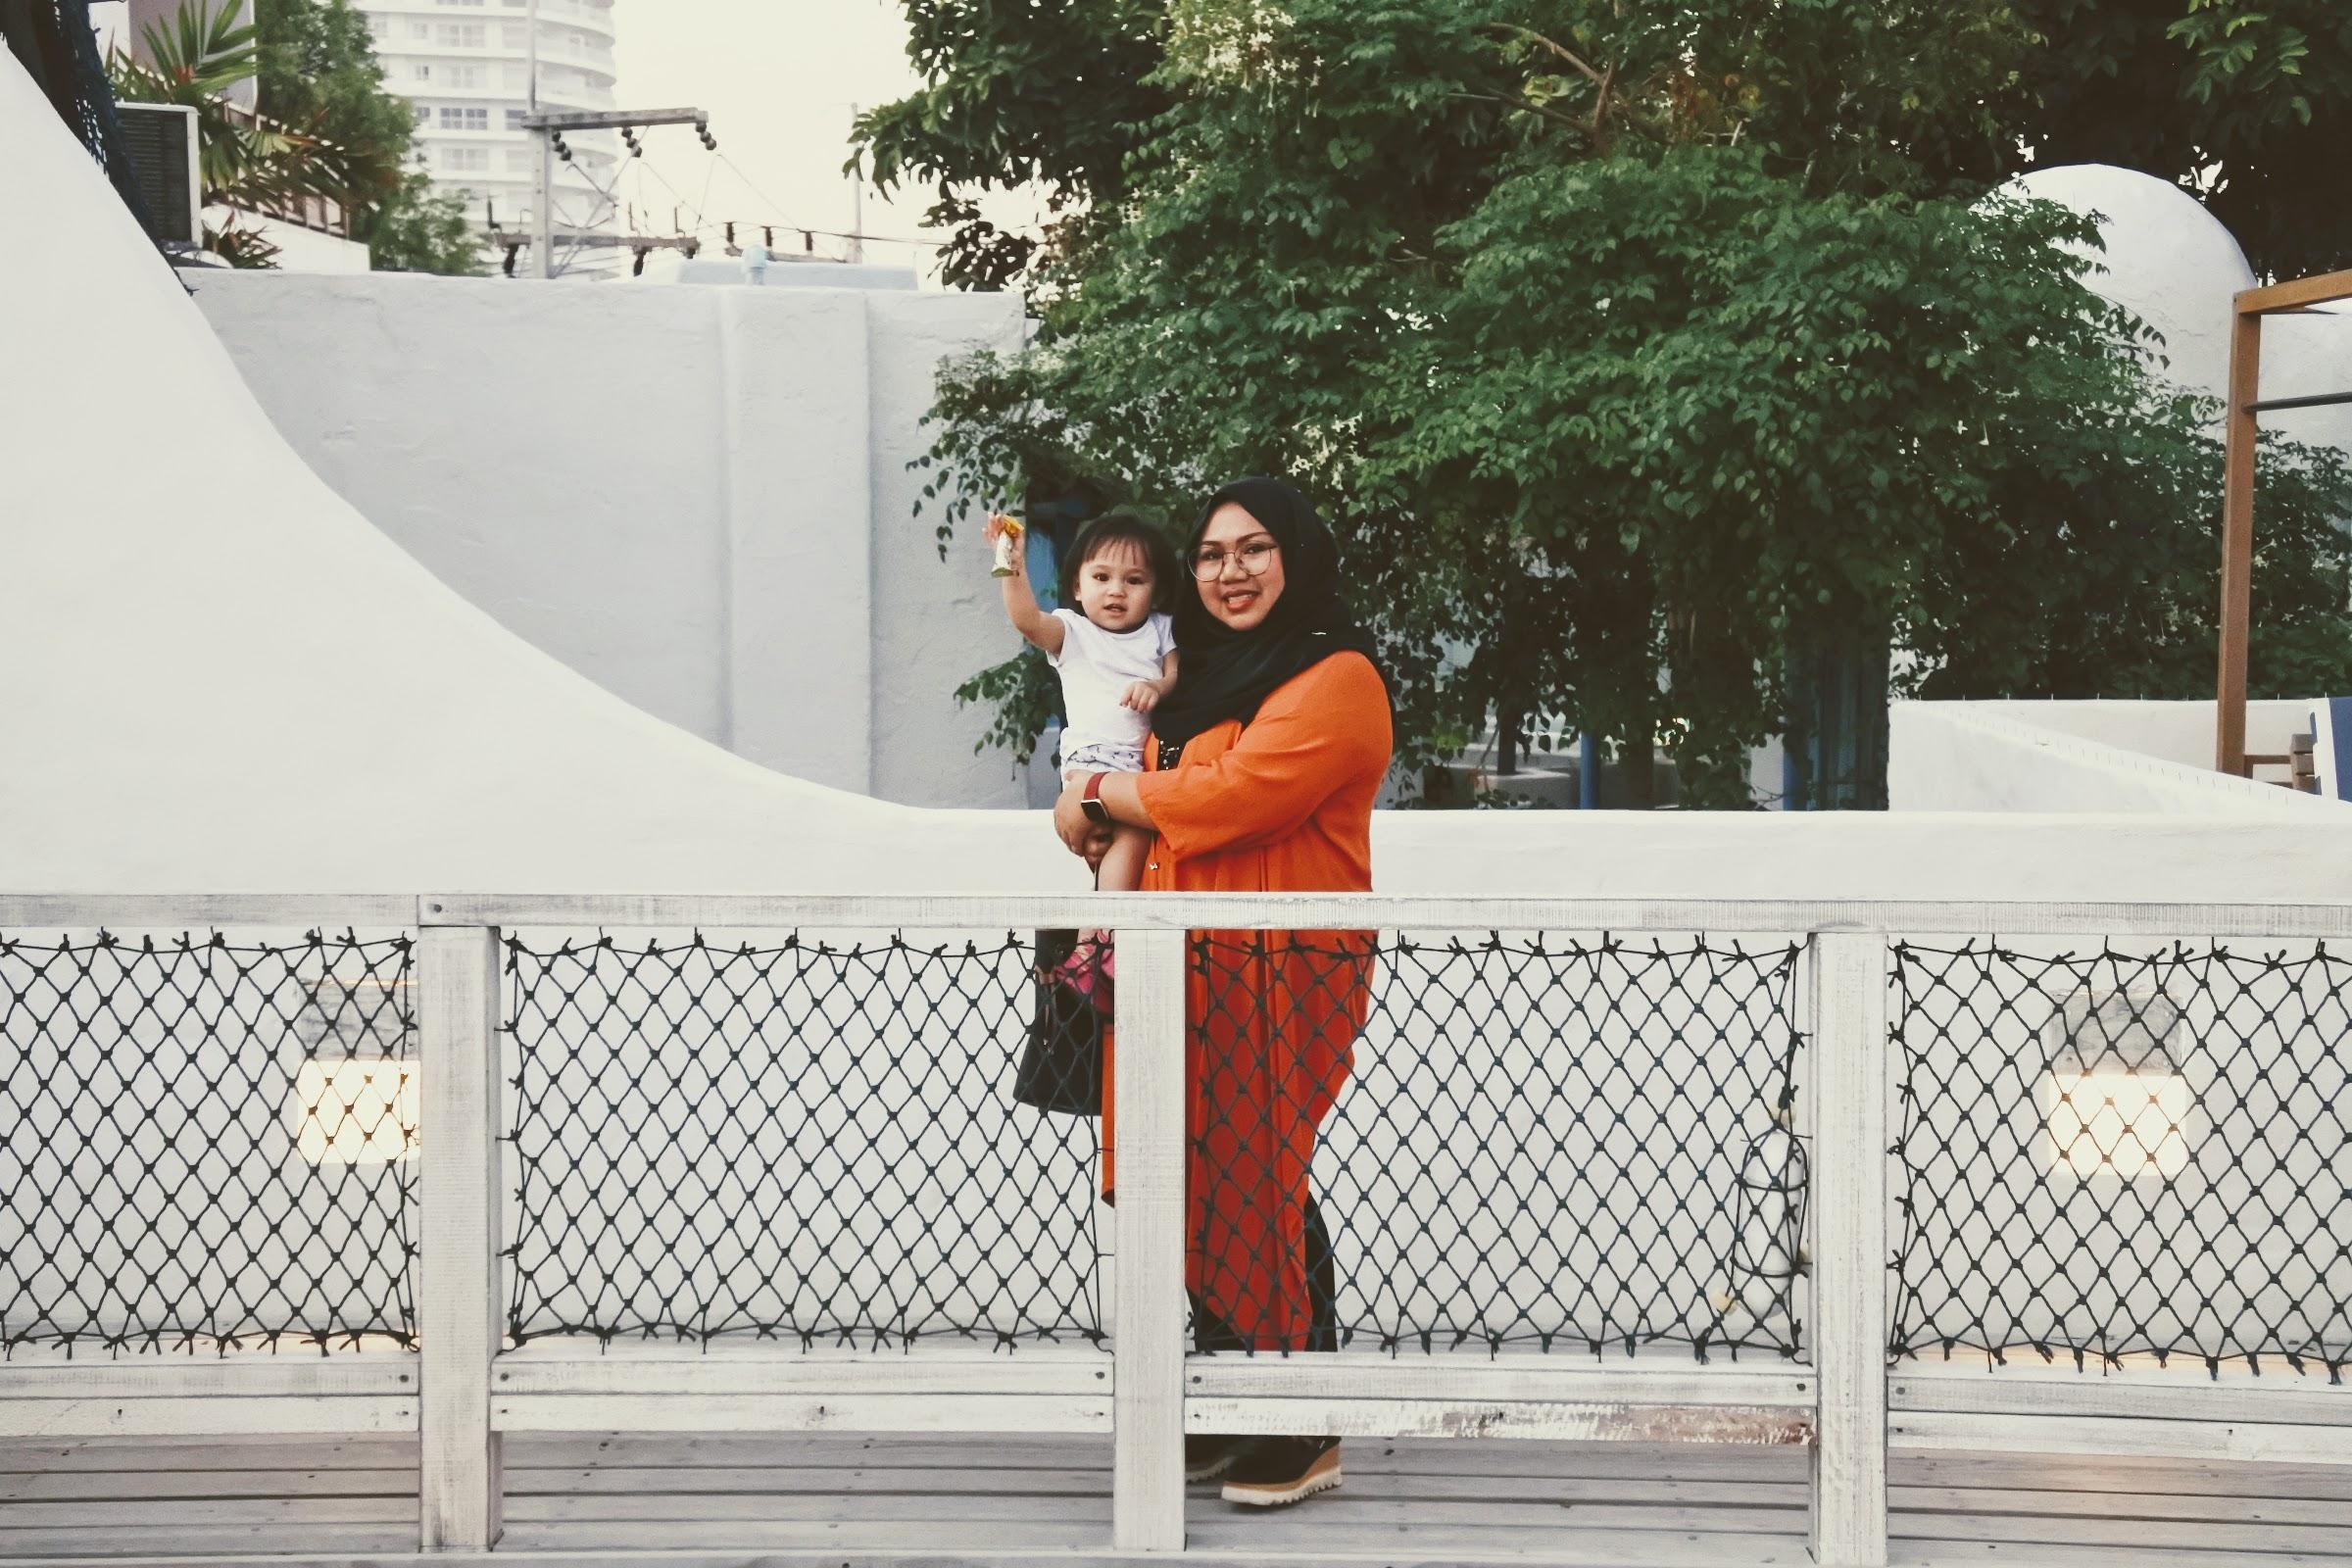 We were happy at Resort de Paskani.